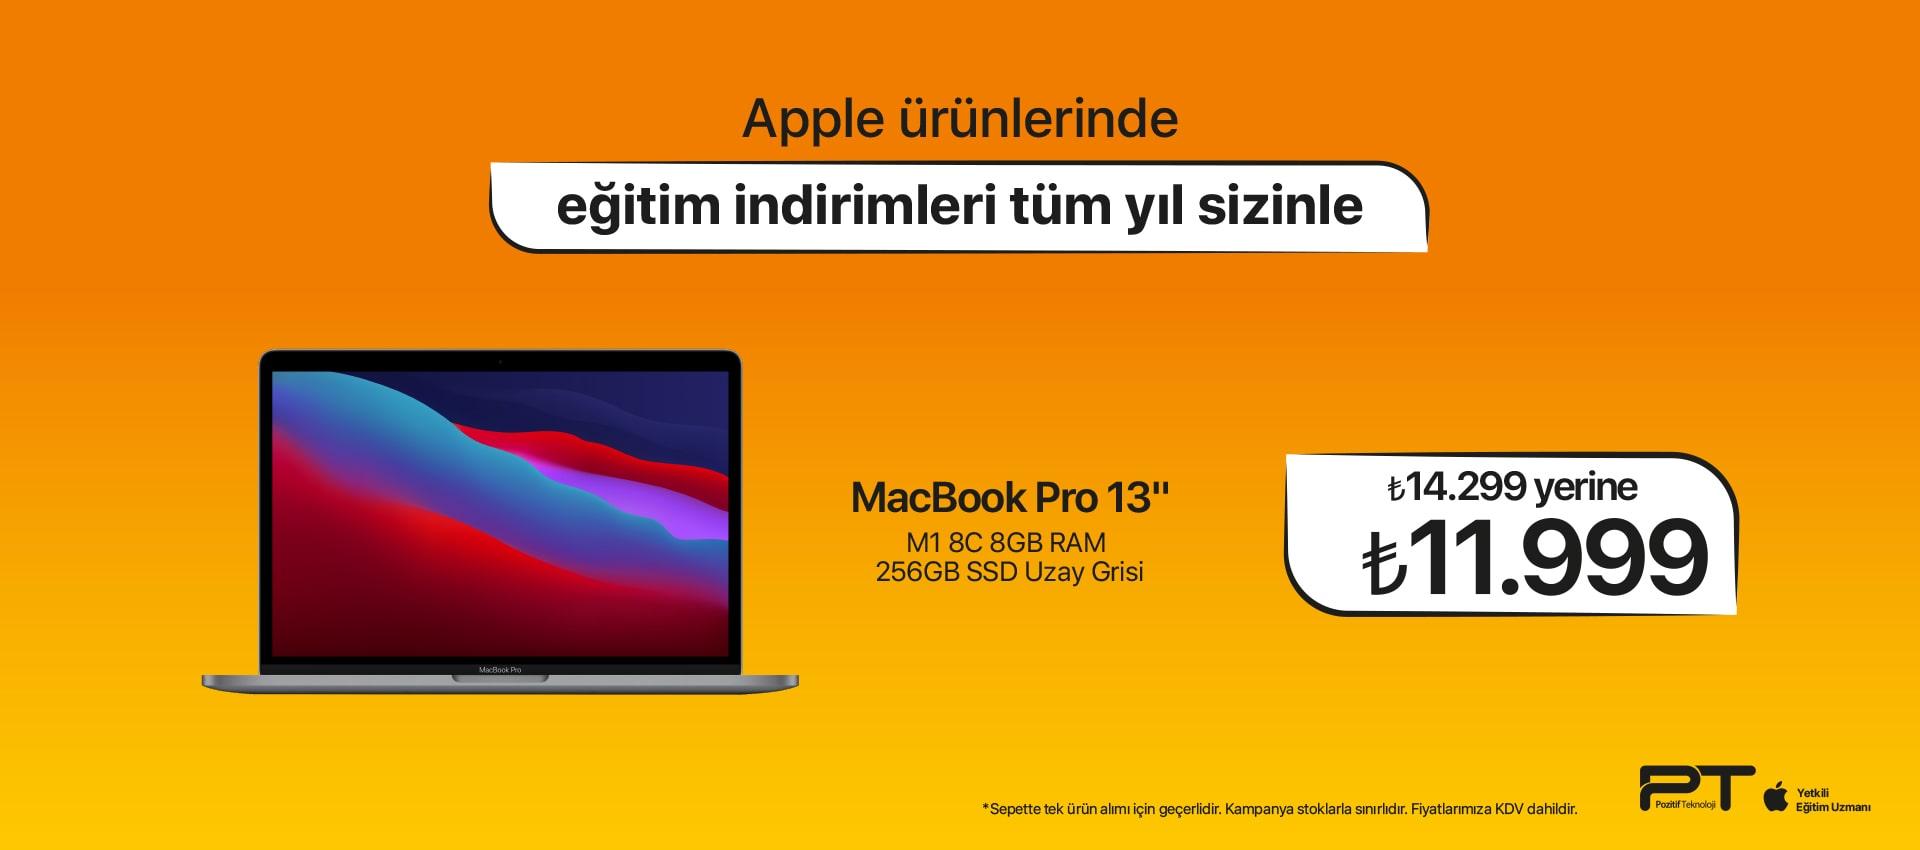 MACBOOK PRO 11,999